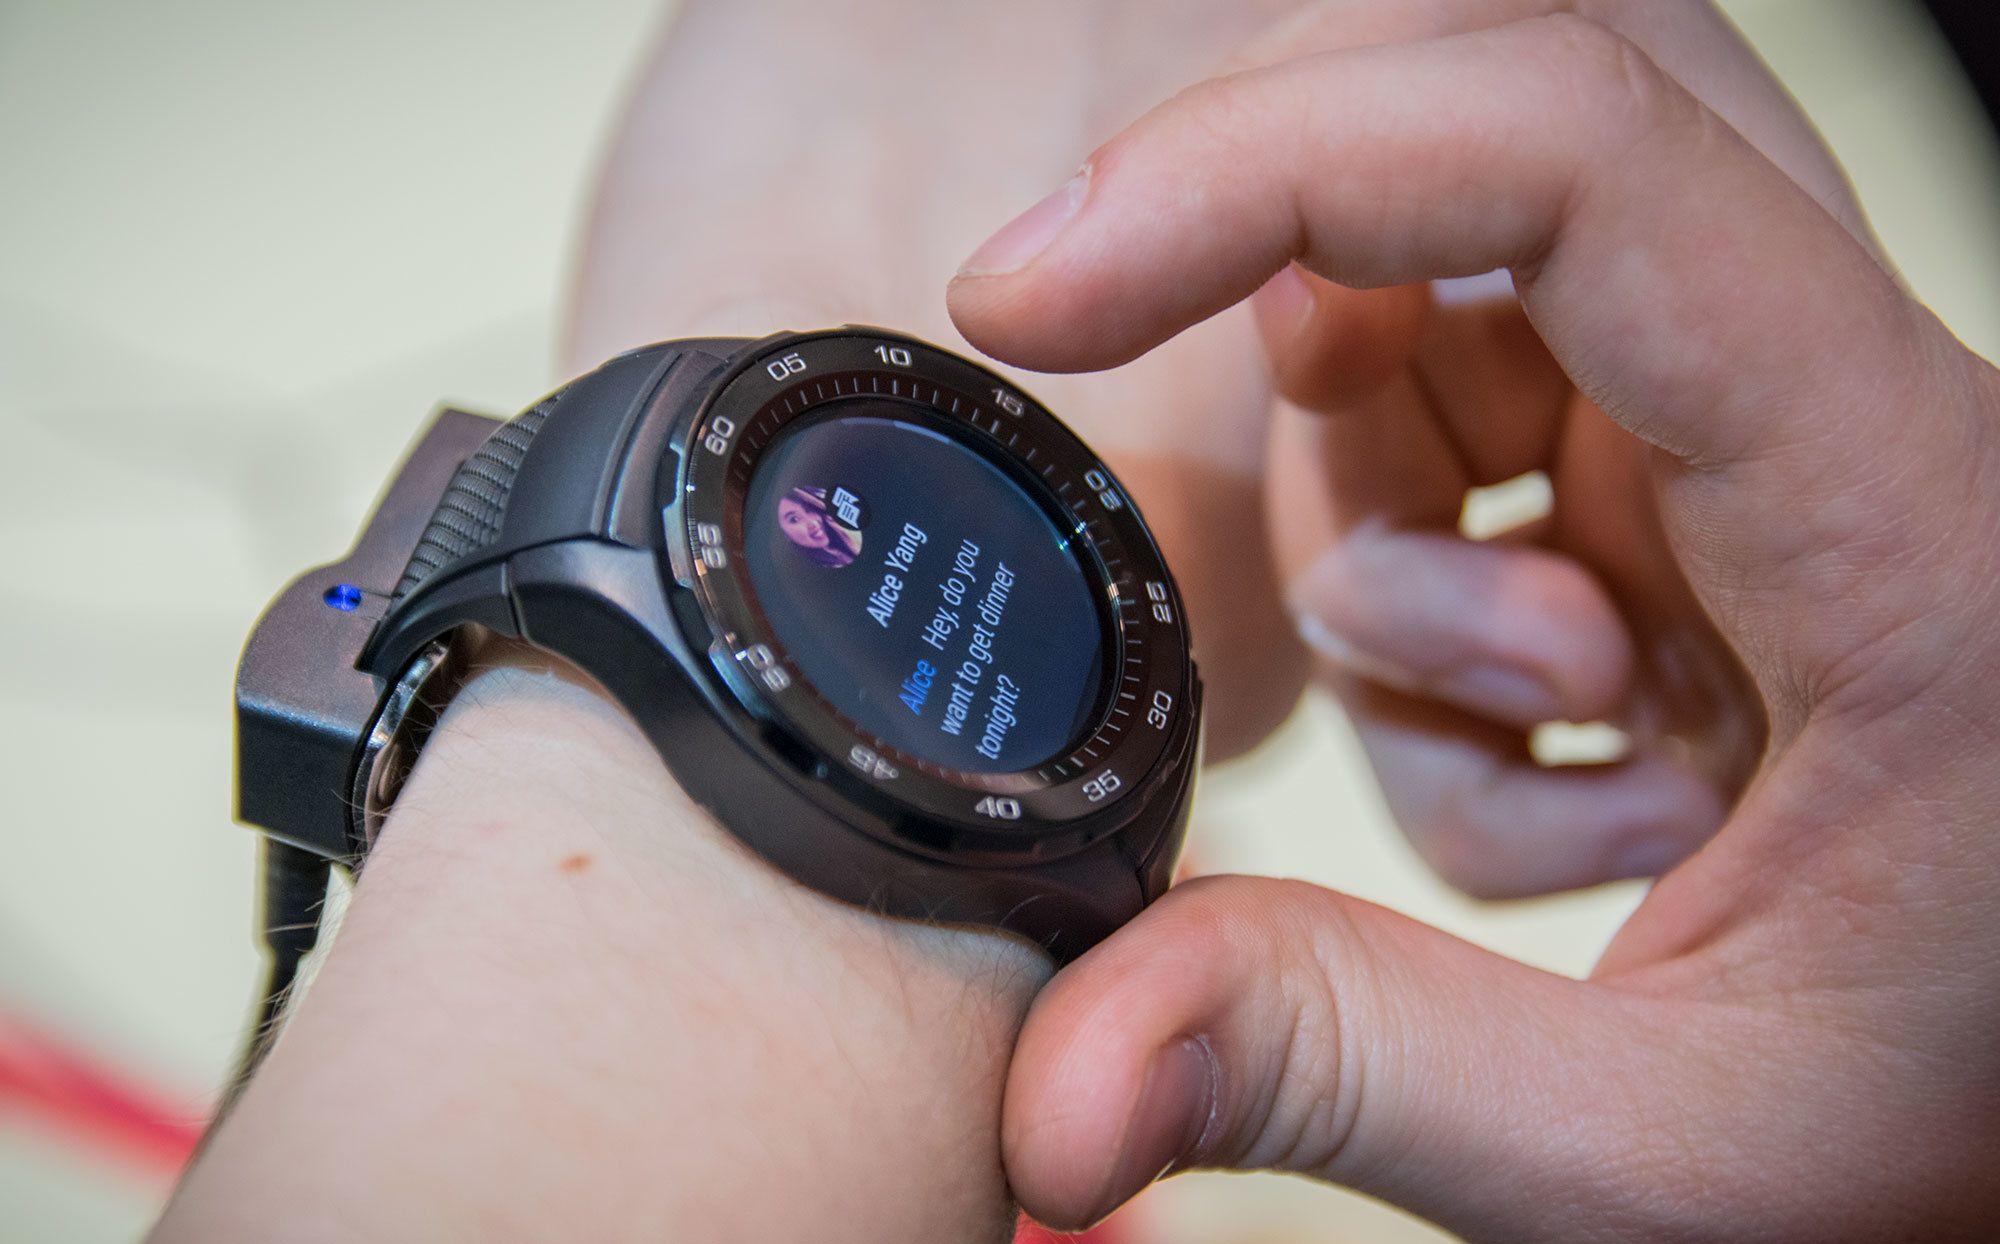 Klokken har innebygd 4G, så du kan sende meldinger og ringe fra den helt uavhengig av mobilen.